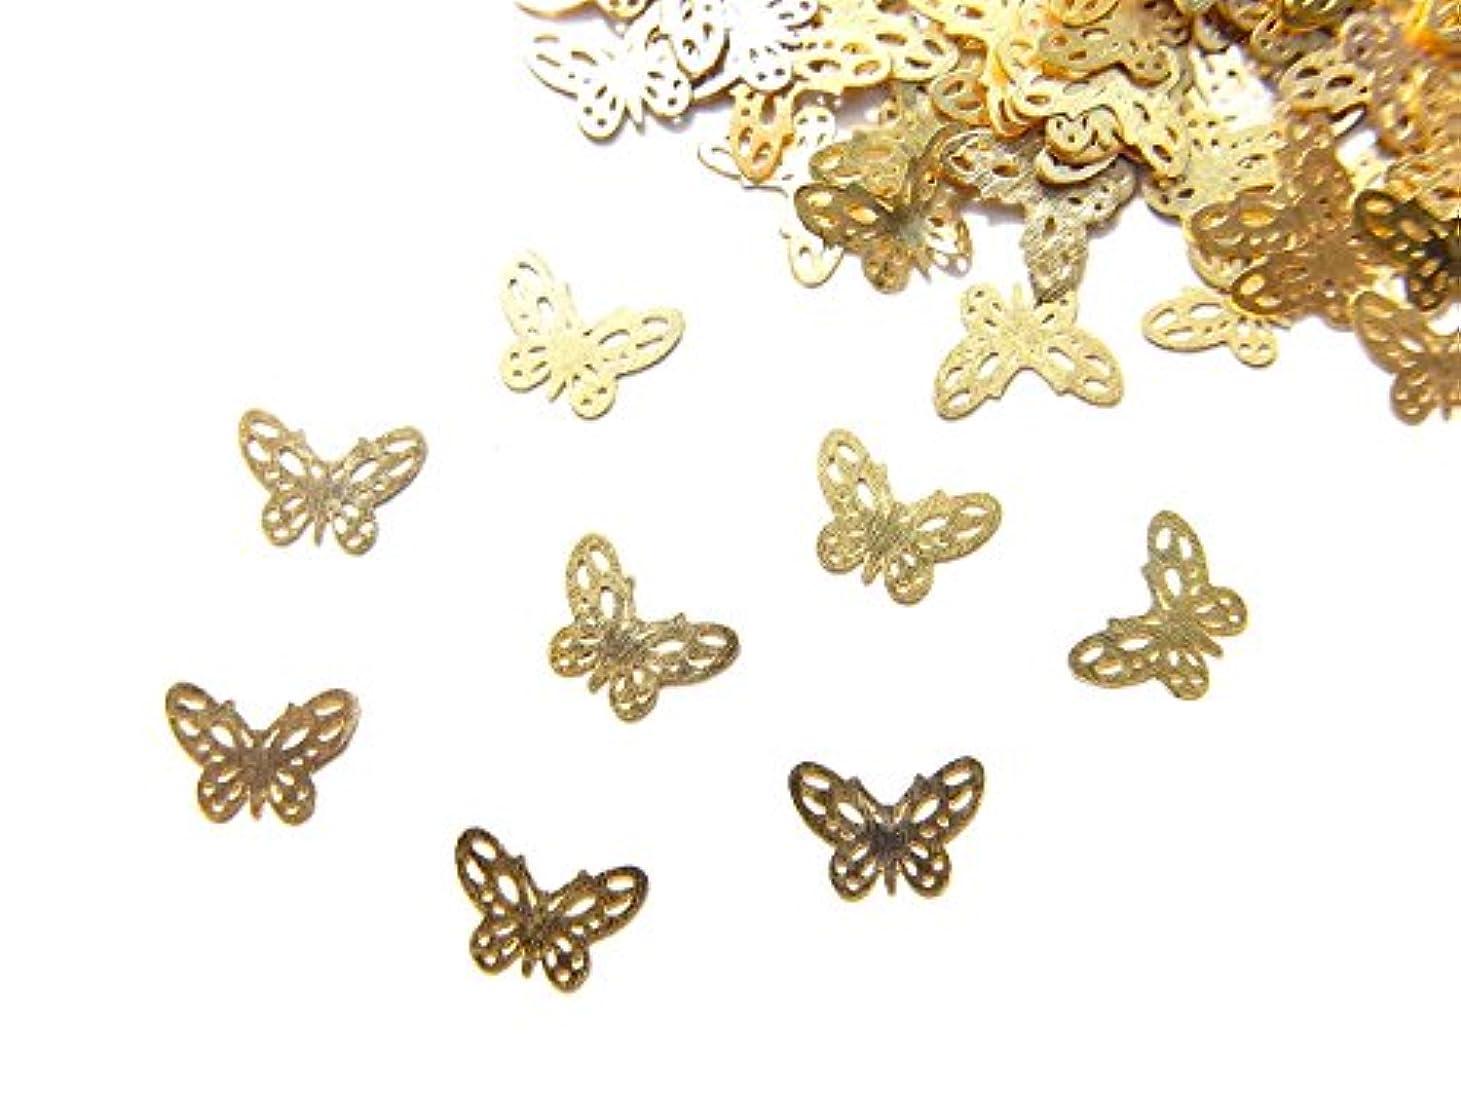 クリーナー息子感覚【jewel】ug25 薄型ゴールド メタルパーツ Sサイズ バタフライ 蝶 B 10個入り ネイルアートパーツ レジンパーツ